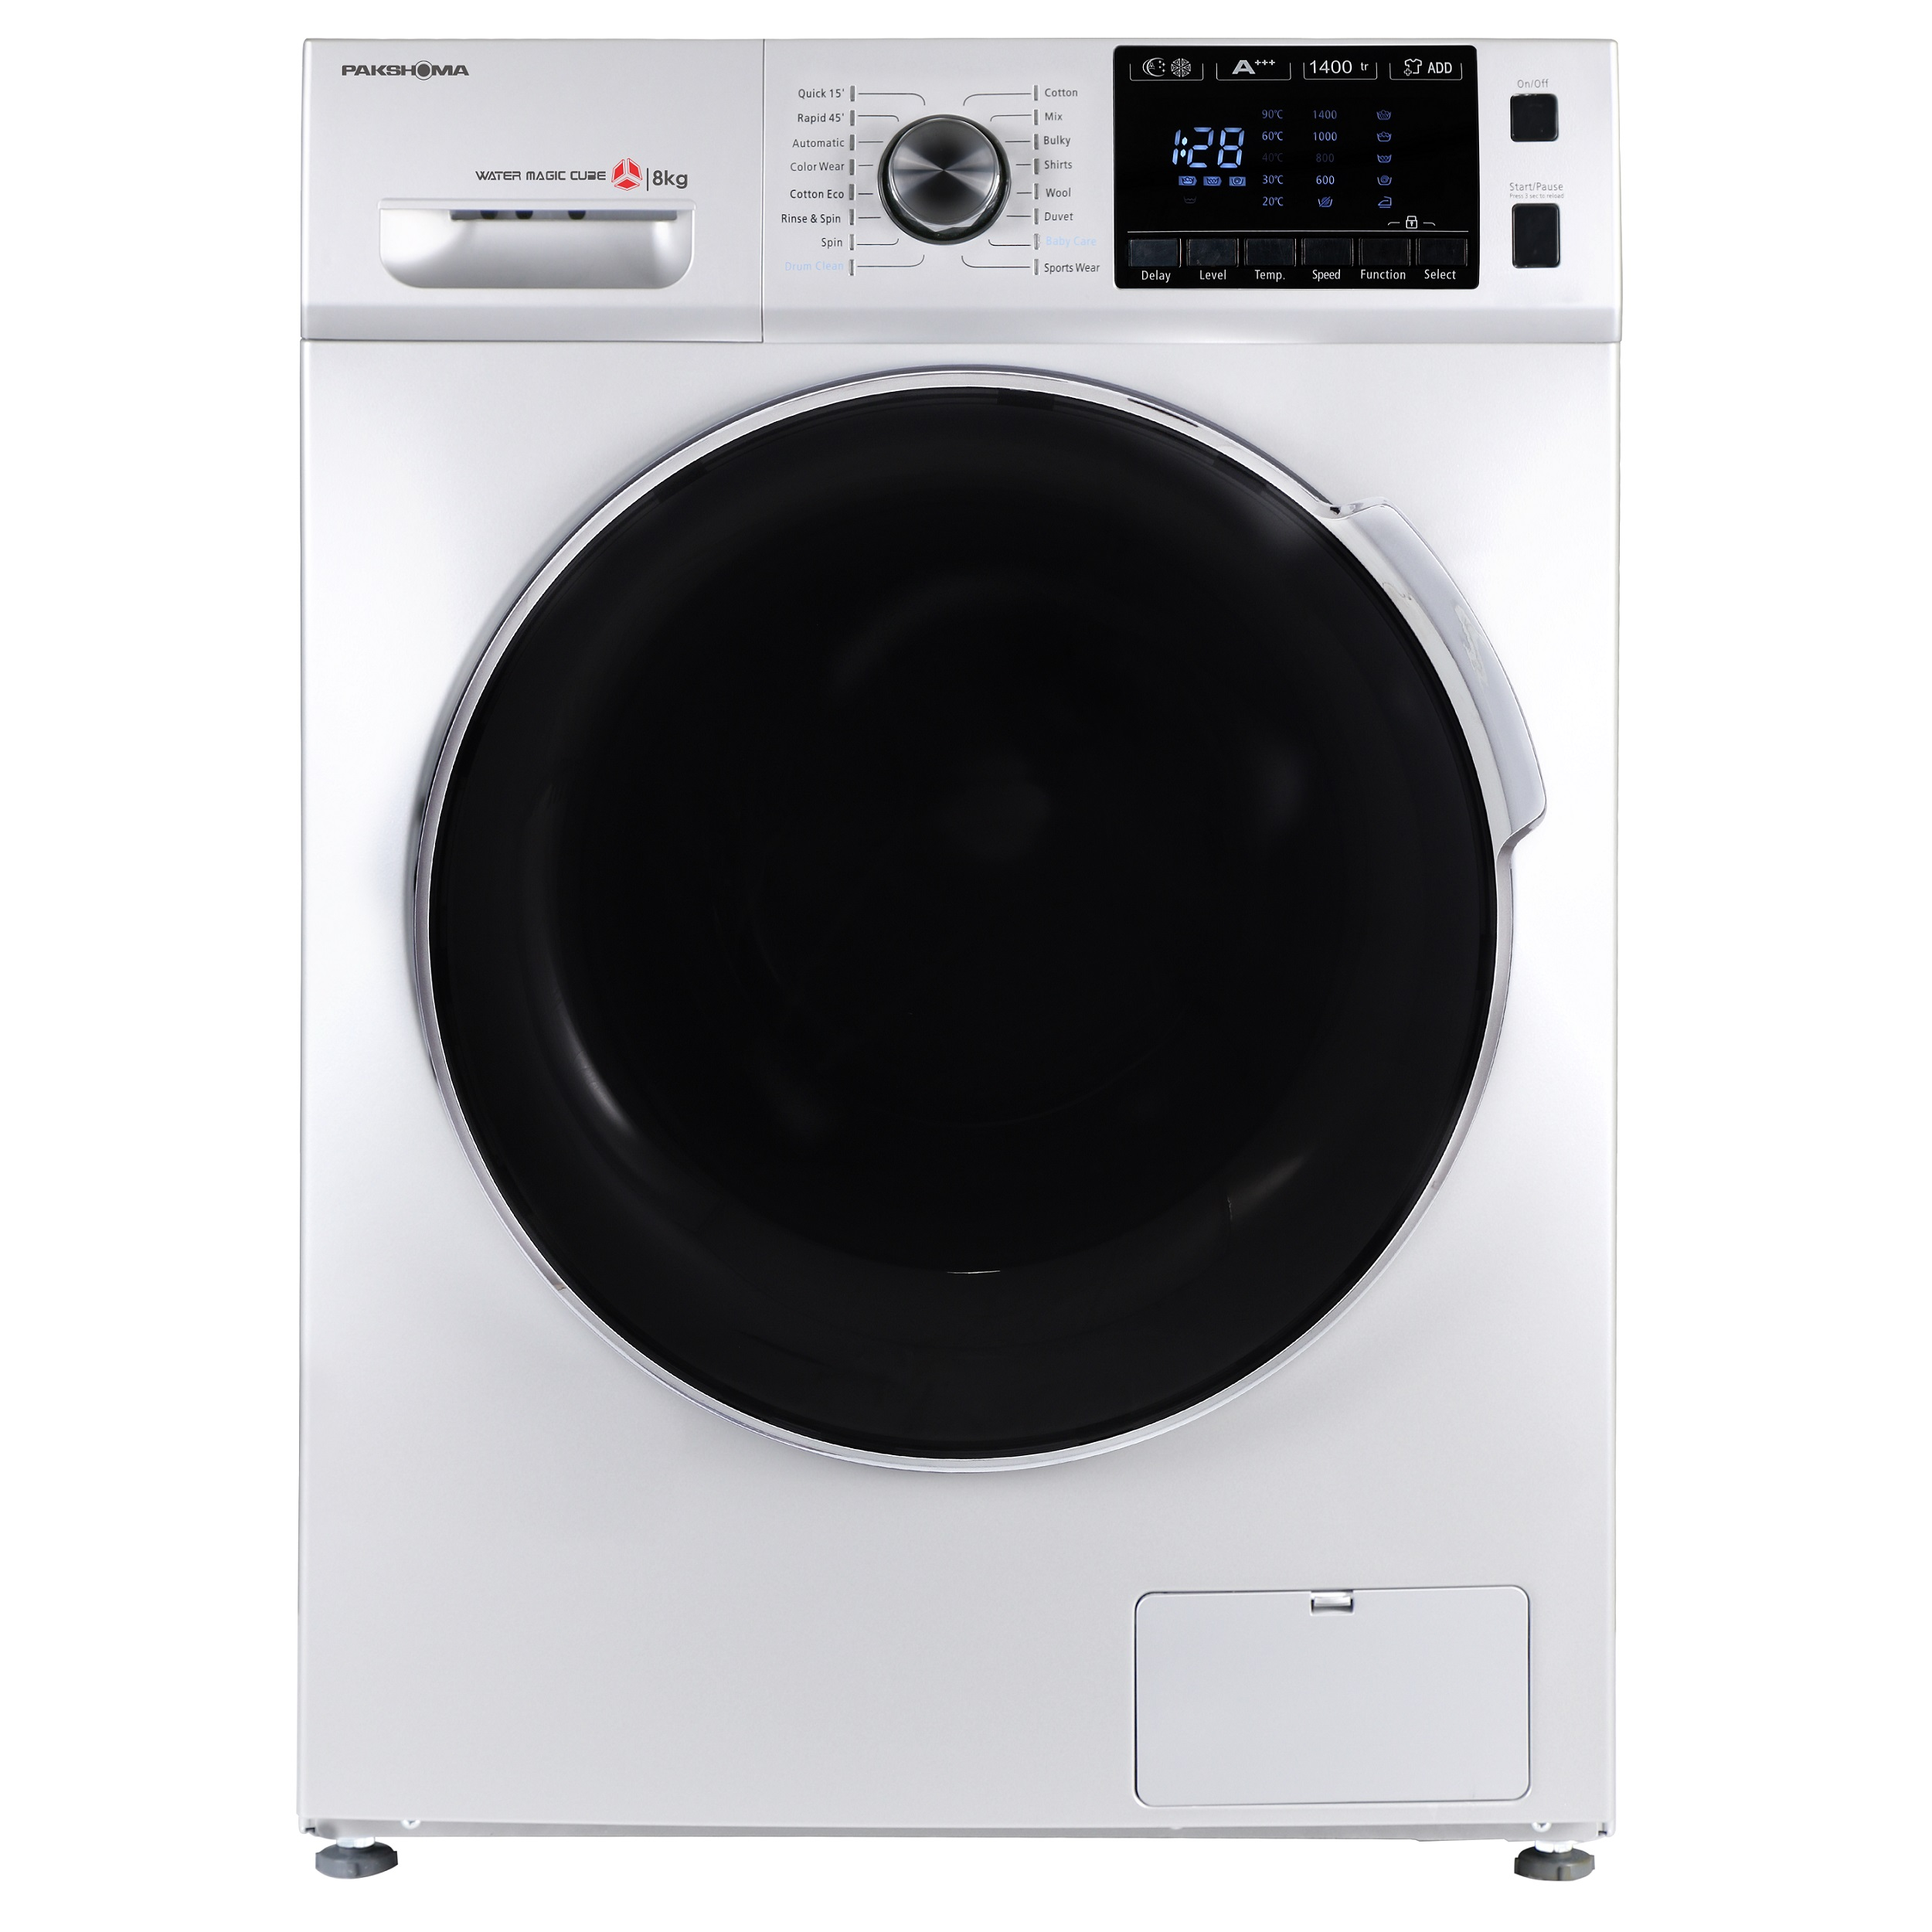 فروش نقدی و اقساطی ماشین لباسشویی پاکشوما مدل TFU-84406 ظرفیت 8 کیلوگرم